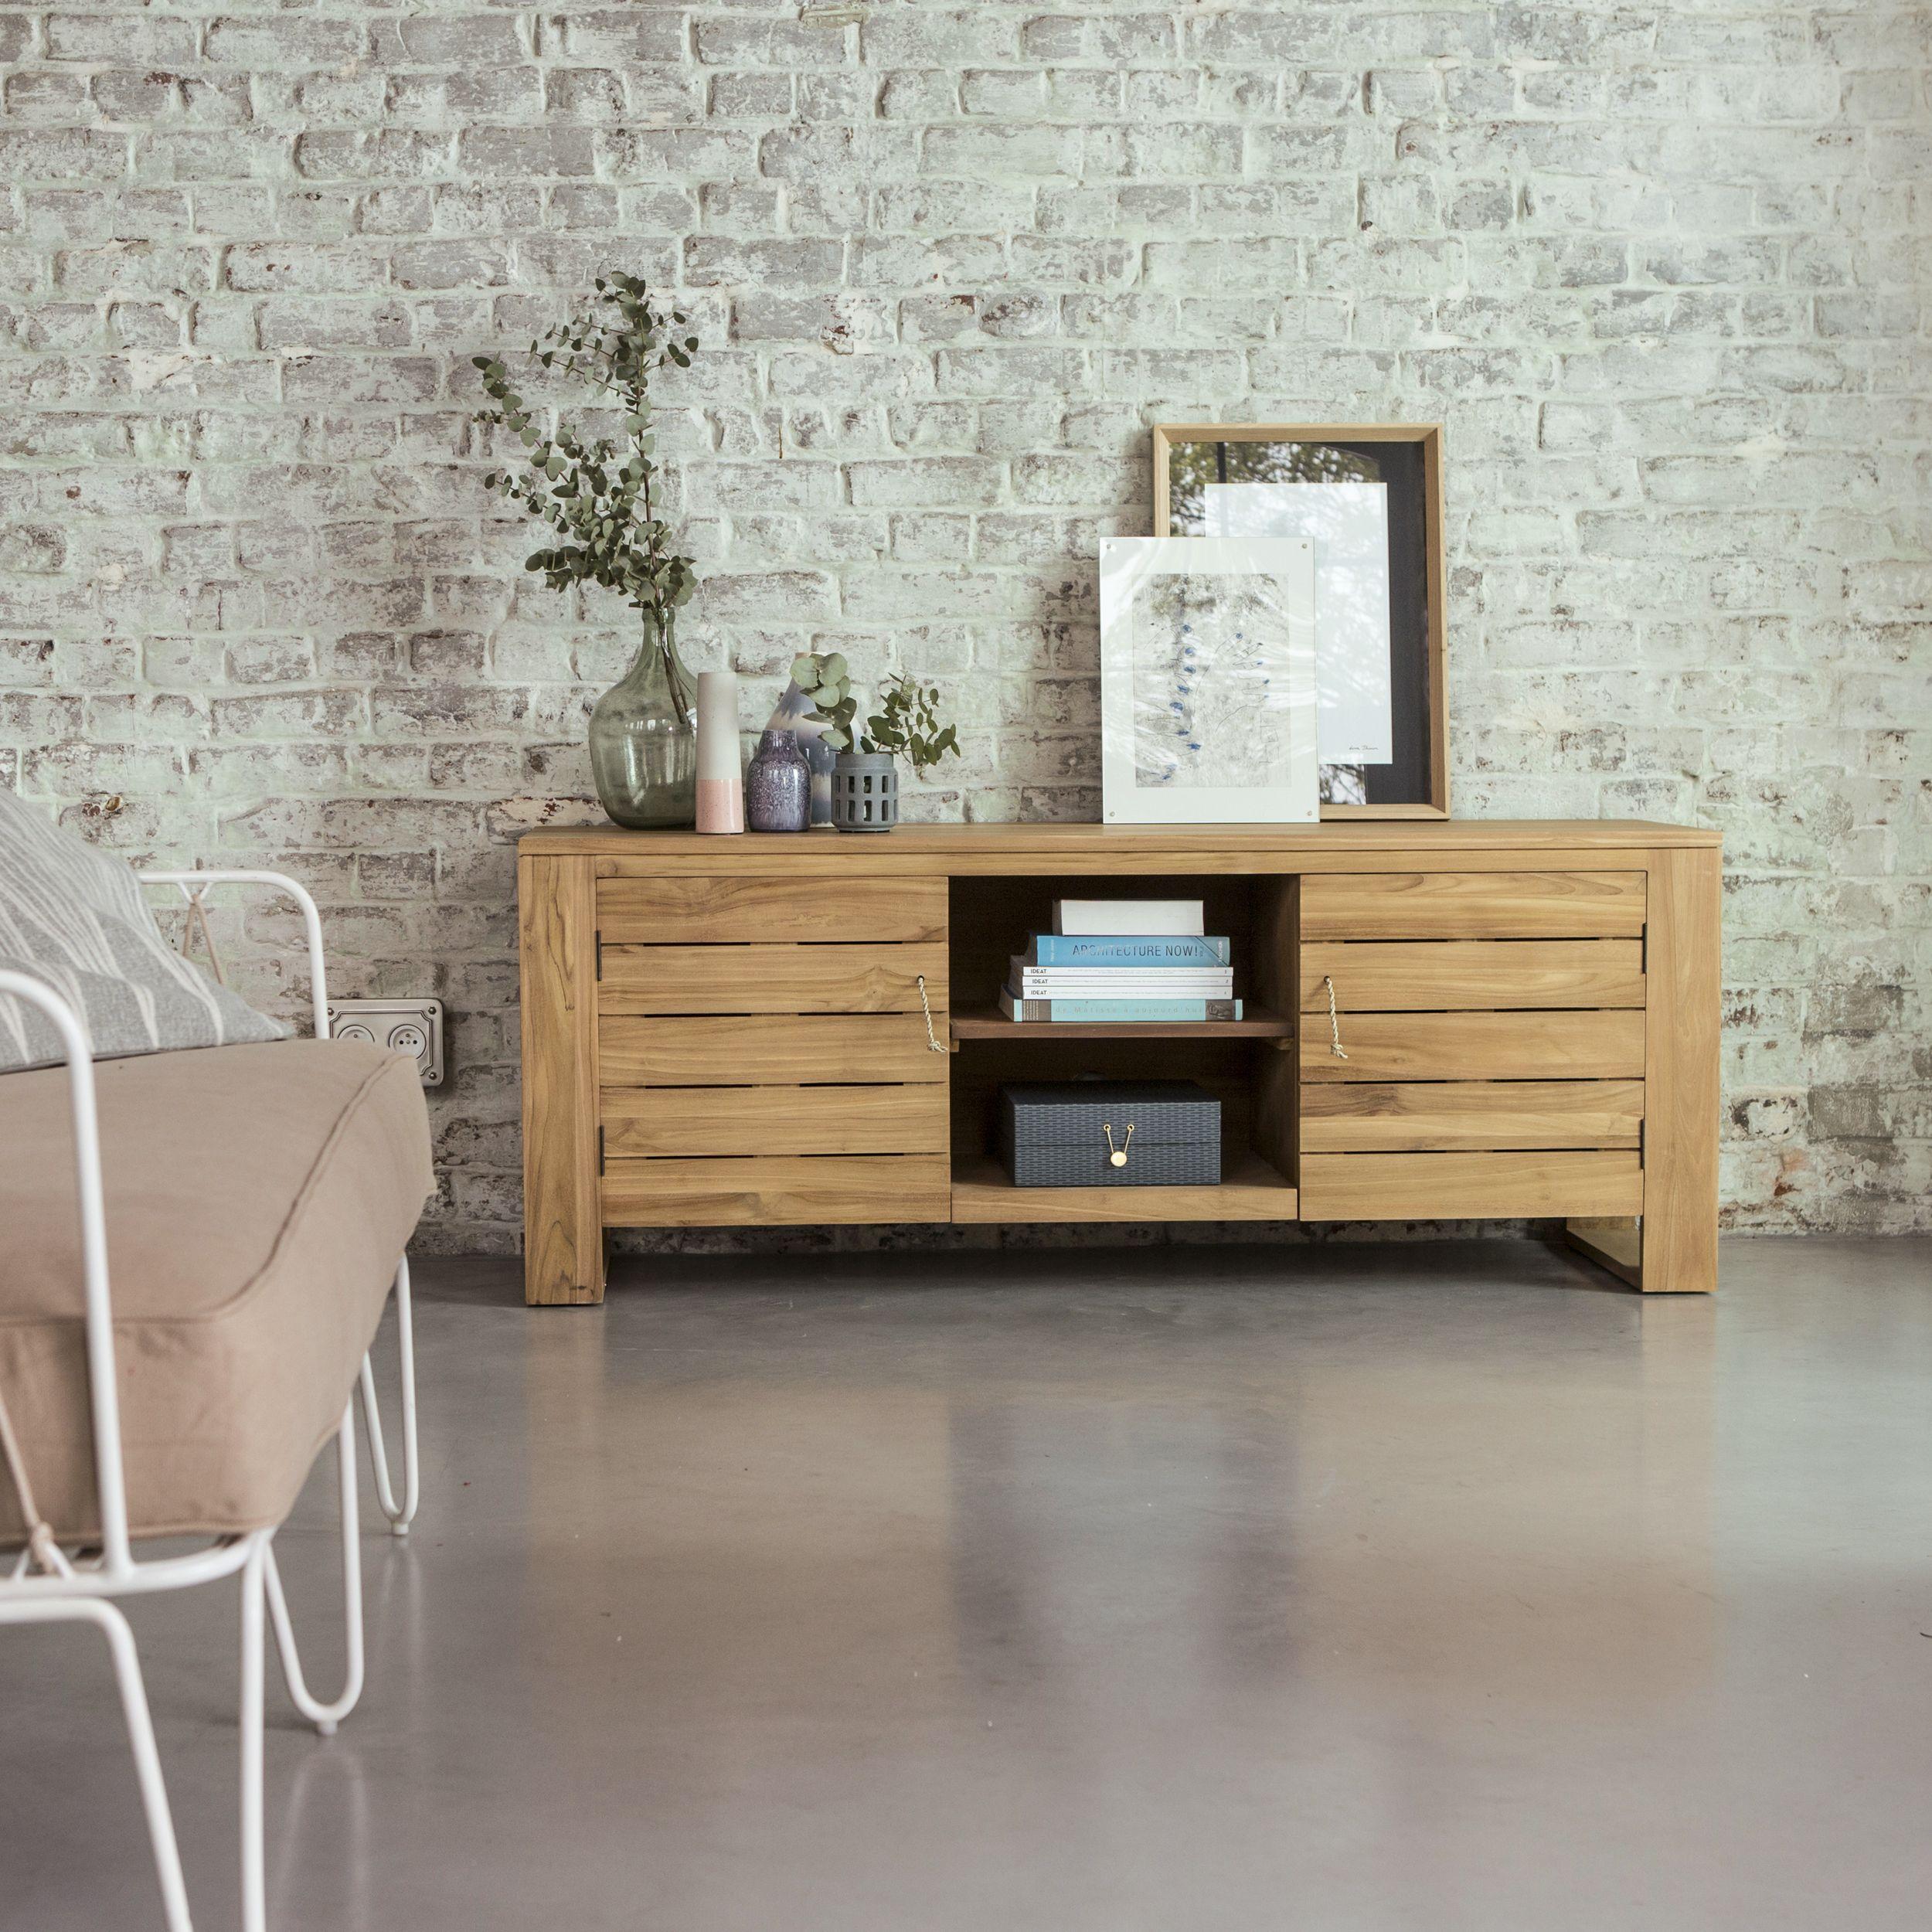 Ce Grand Meuble Tv Latte En Teck Massif Conviendra Votre Salon  # Meuble Tv Plus Table Basse